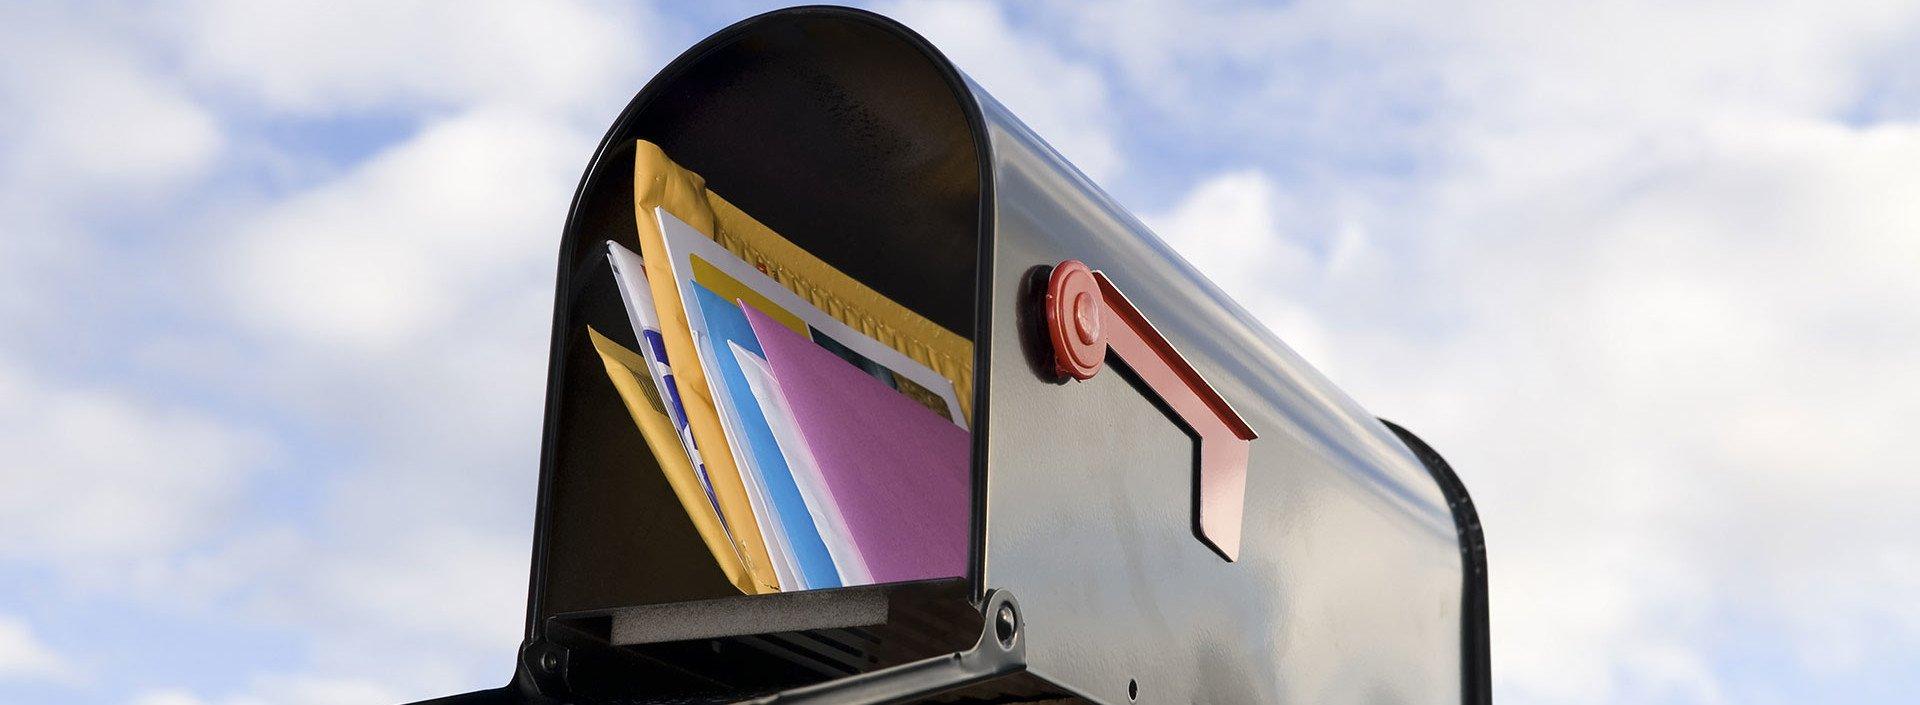 Briefkasten mit Post